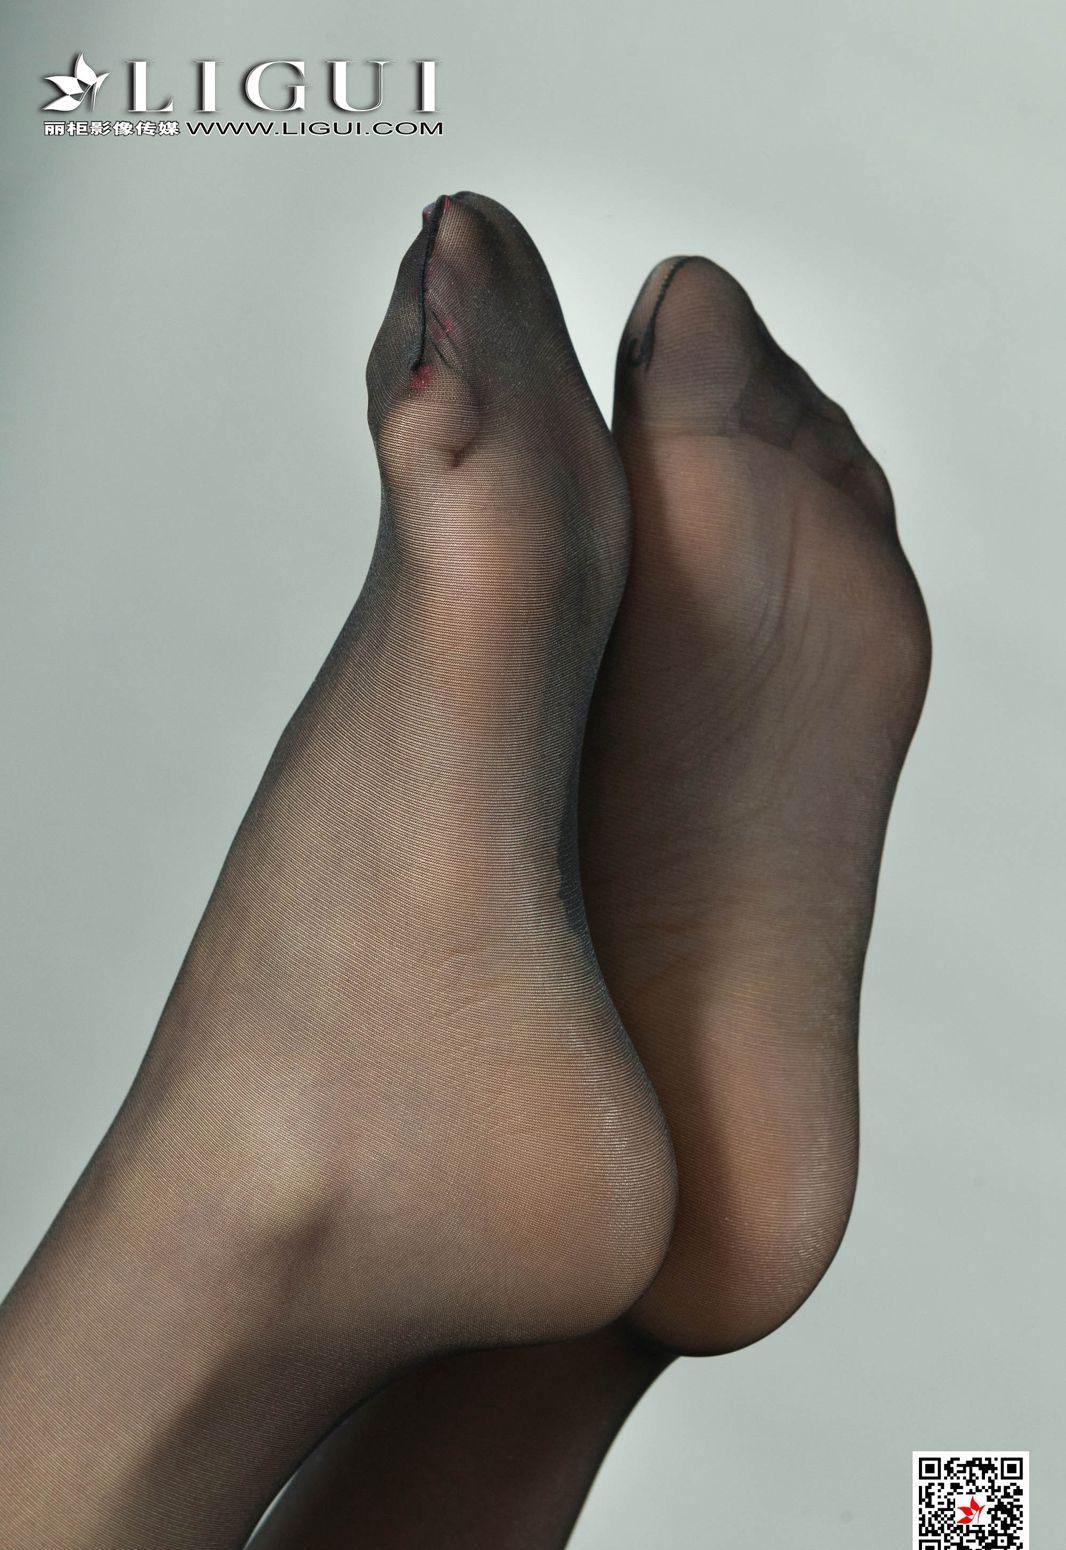 极品美女黑丝美腿丽柜美女模特性感情趣内衣高清套图